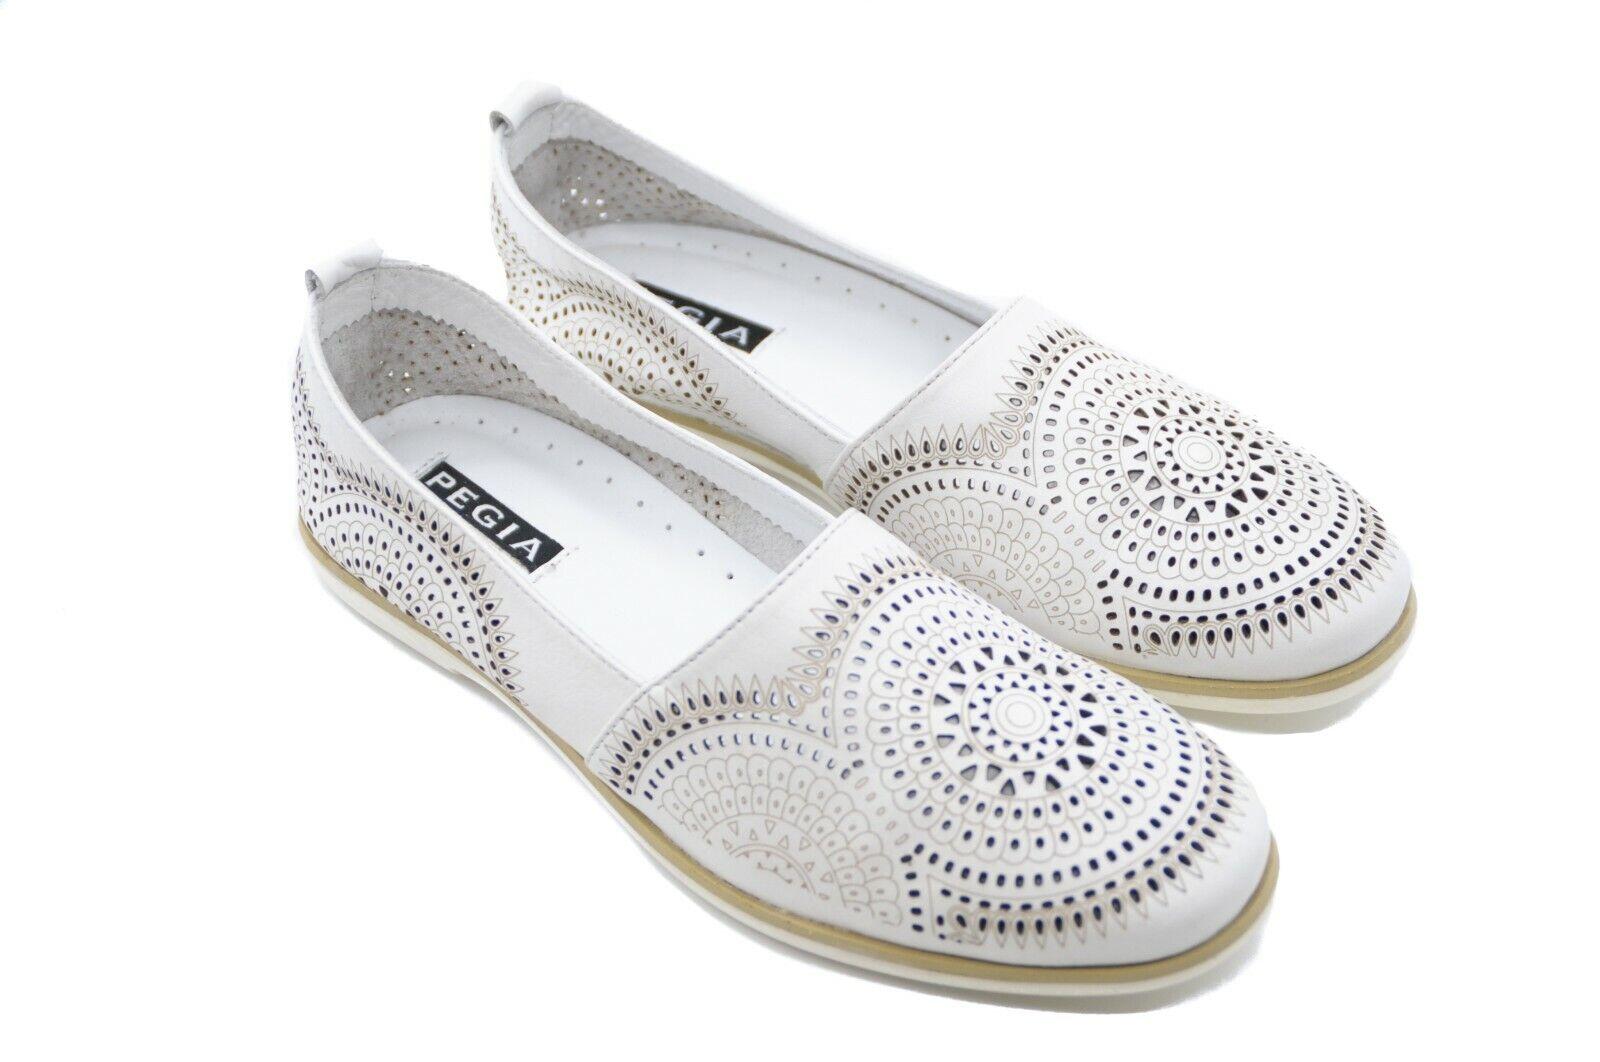 centro commerciale di moda Pegia da donna in pelle morbida bianca Comfort Mocassini Scarpe Scarpe Scarpe con design mosaico FUSTELLATO  risparmia fino al 70%